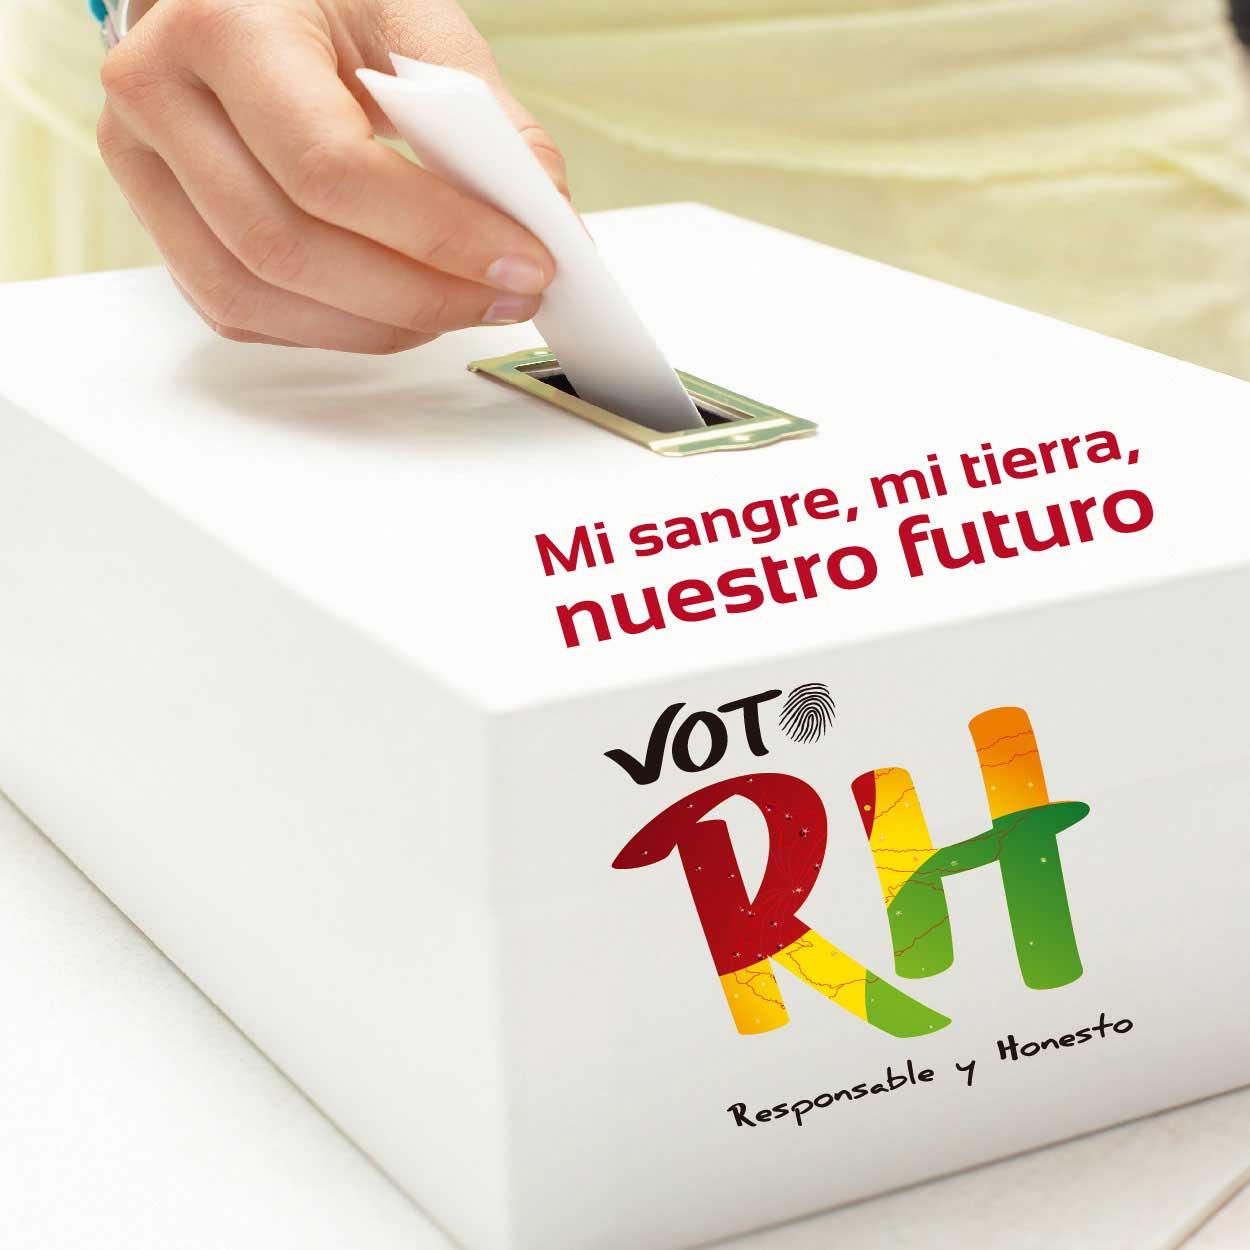 Photo of Voto responsable y honesto, estrategia apoyada por la Cámara de Comercio Casanare